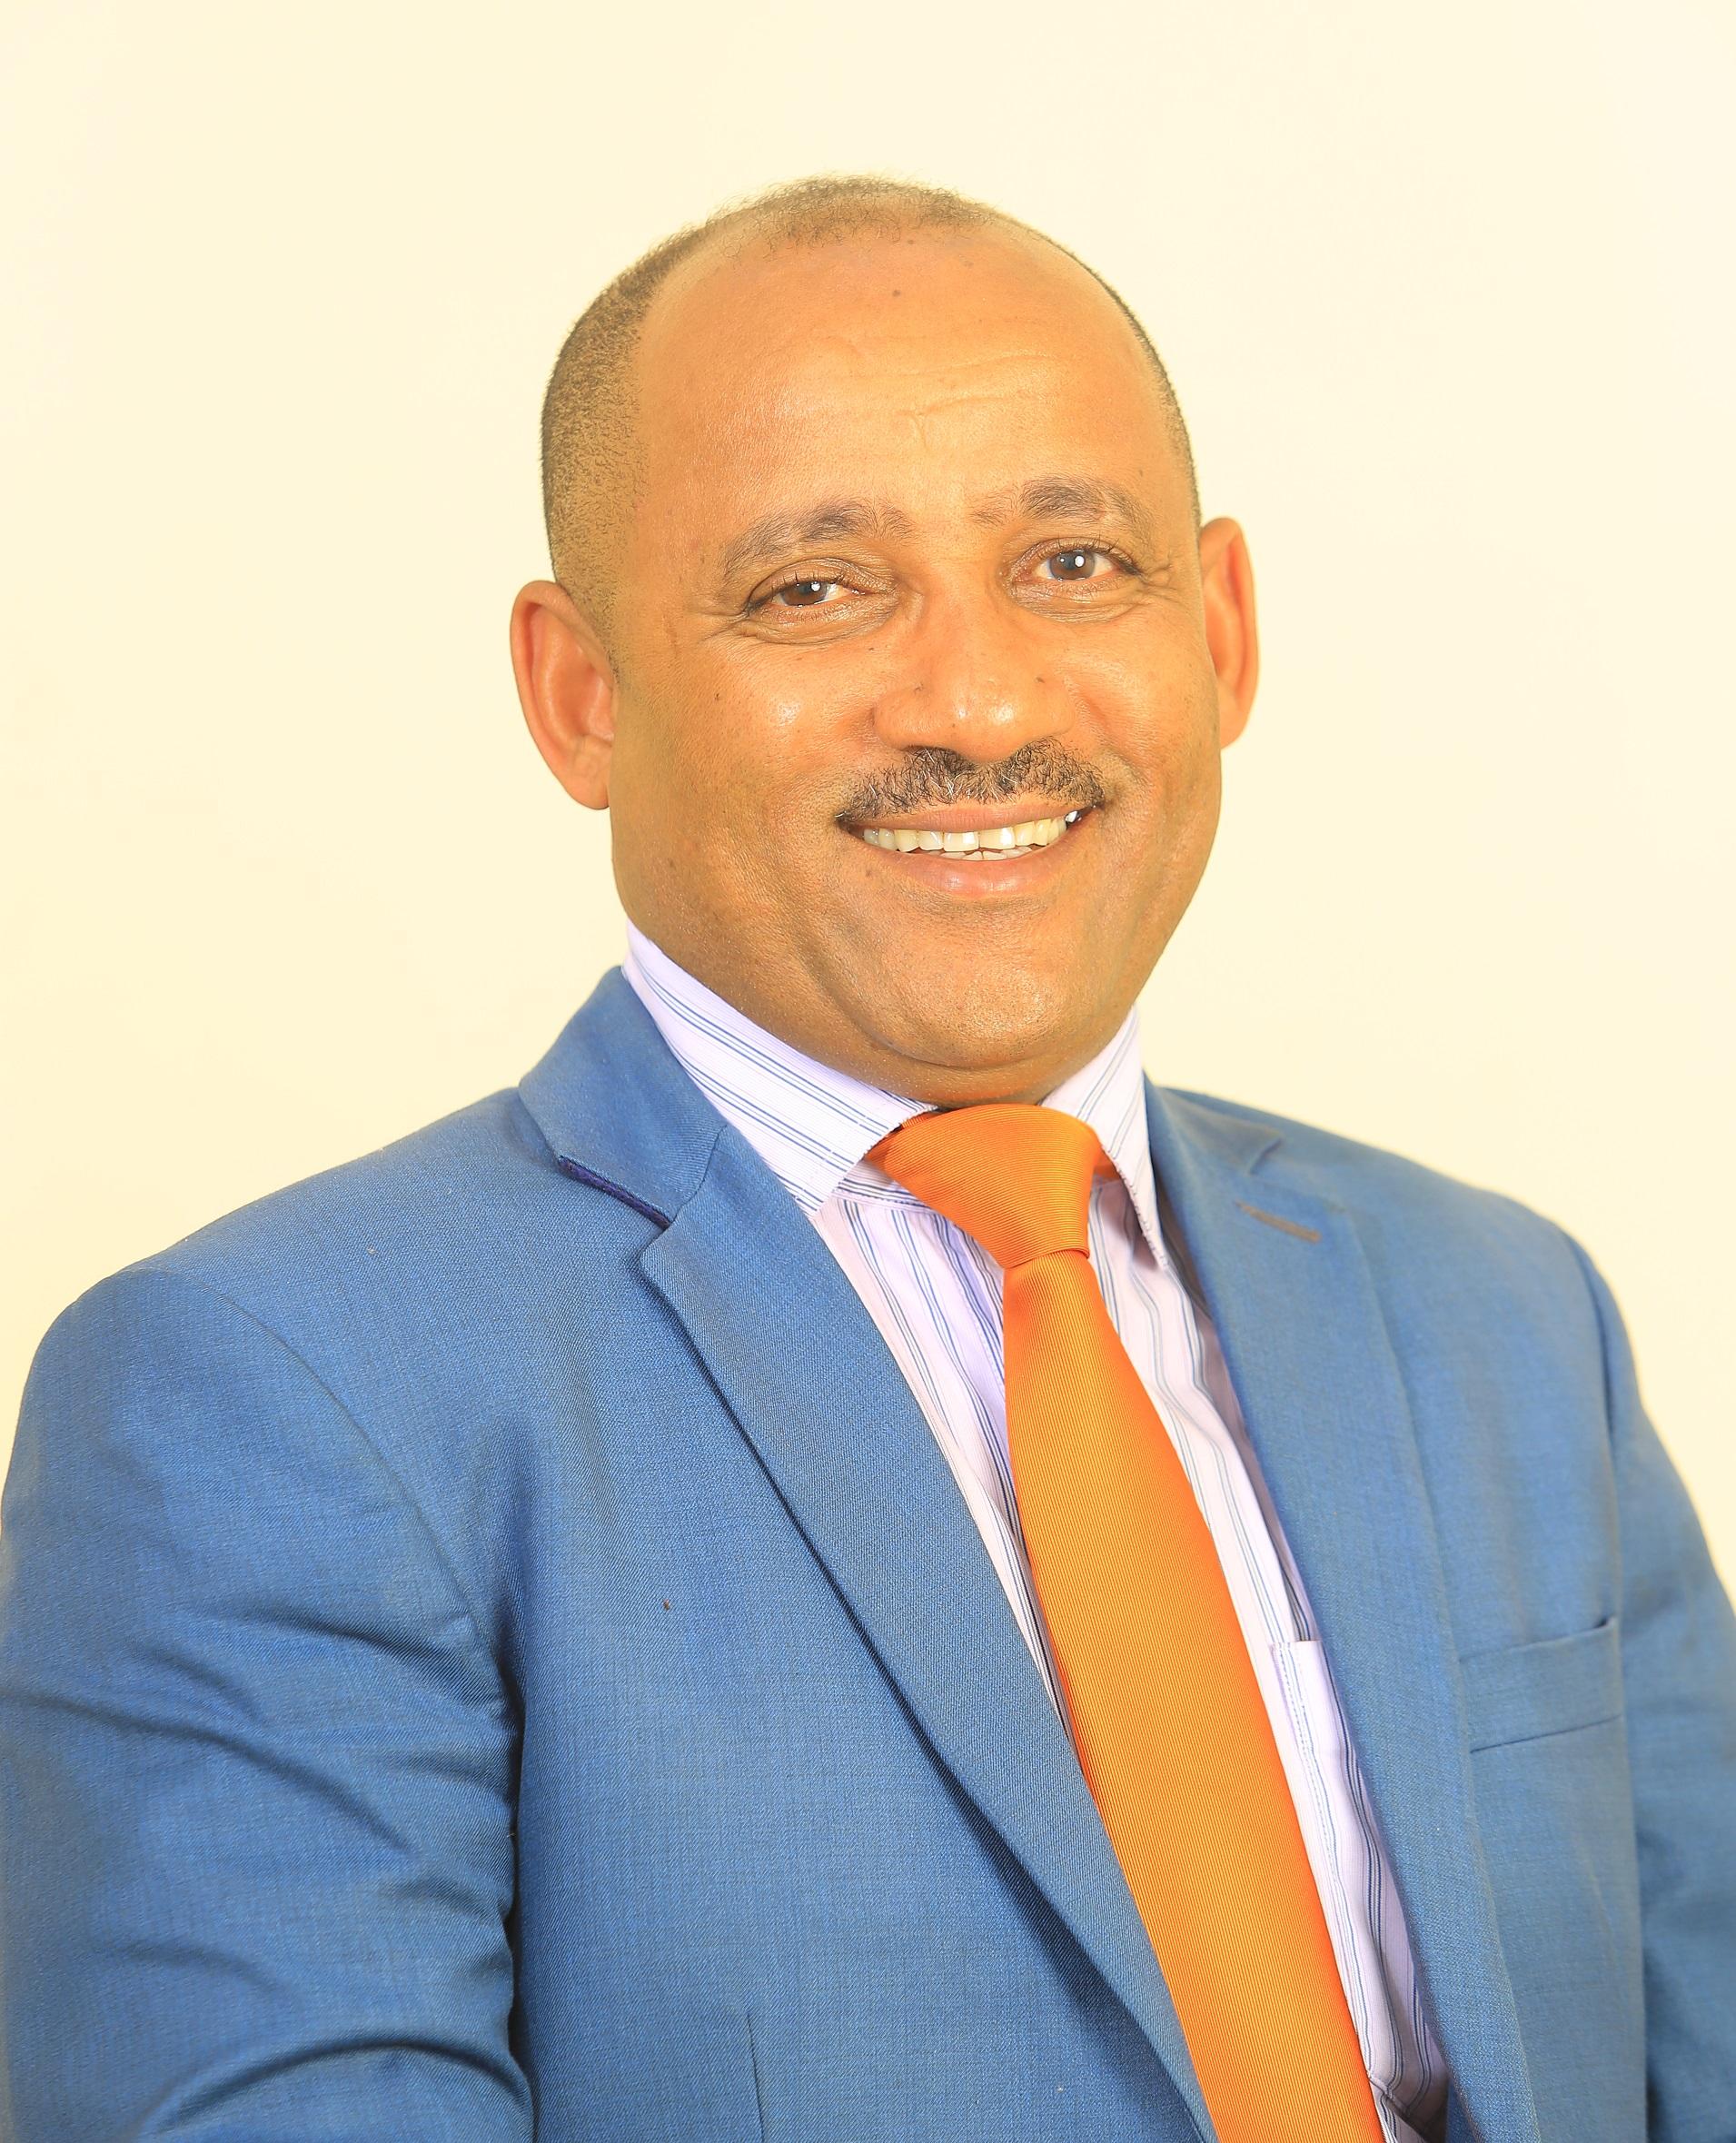 Mr. Atey Tadele Basso